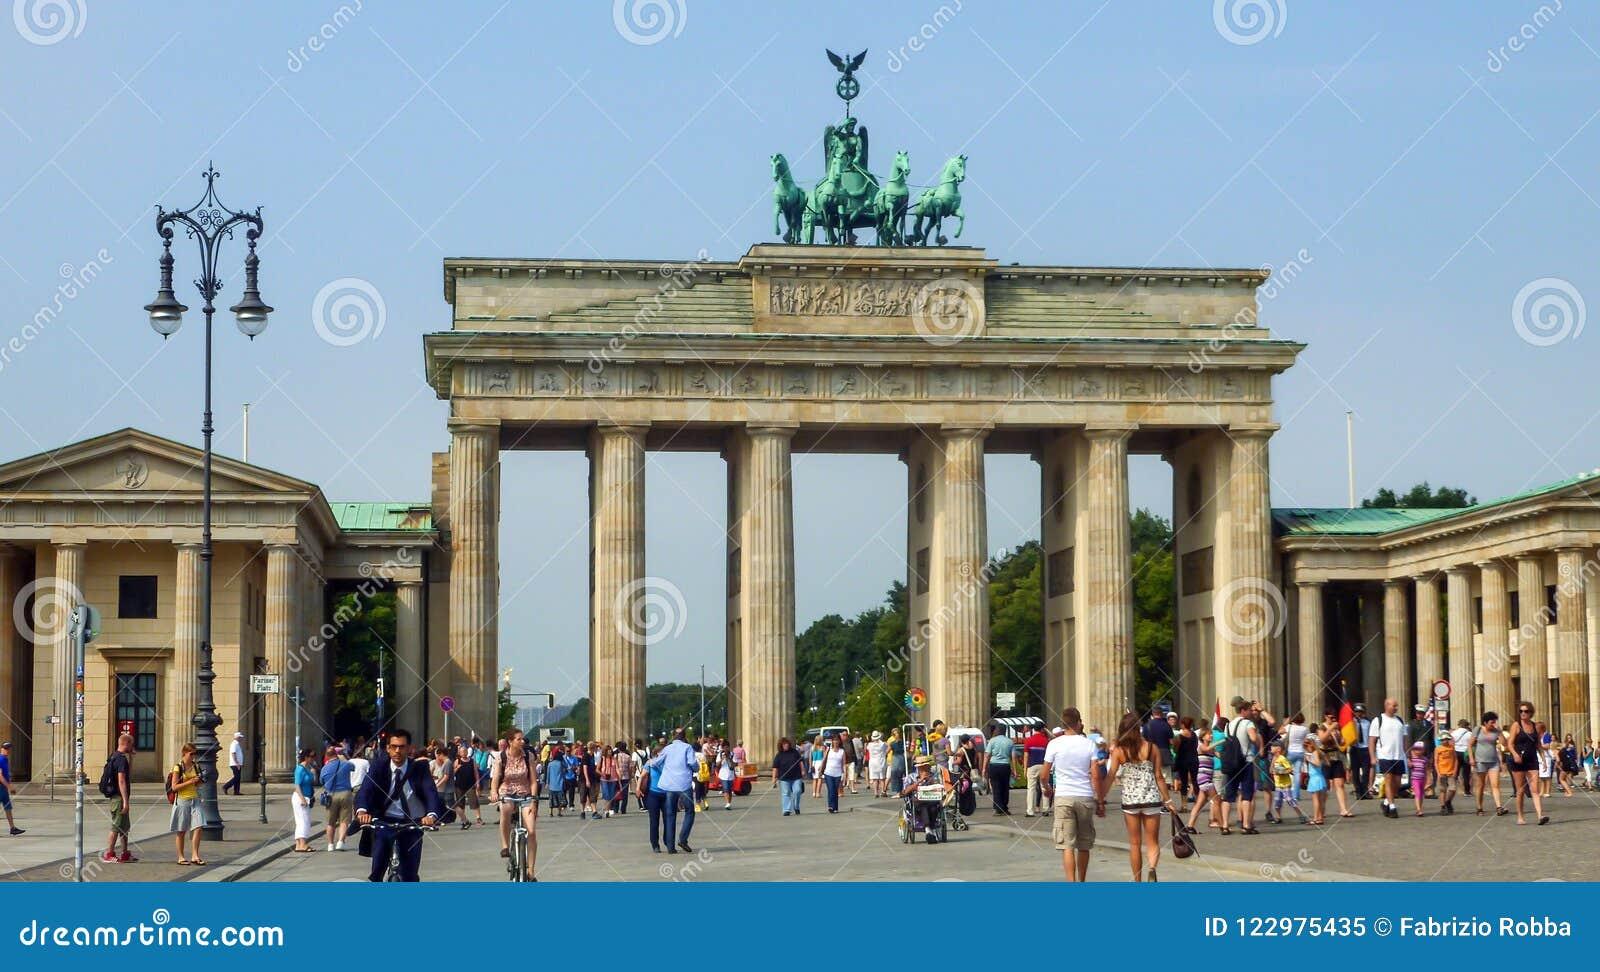 Puerta de Brandenburgo en Berlín, Alemania